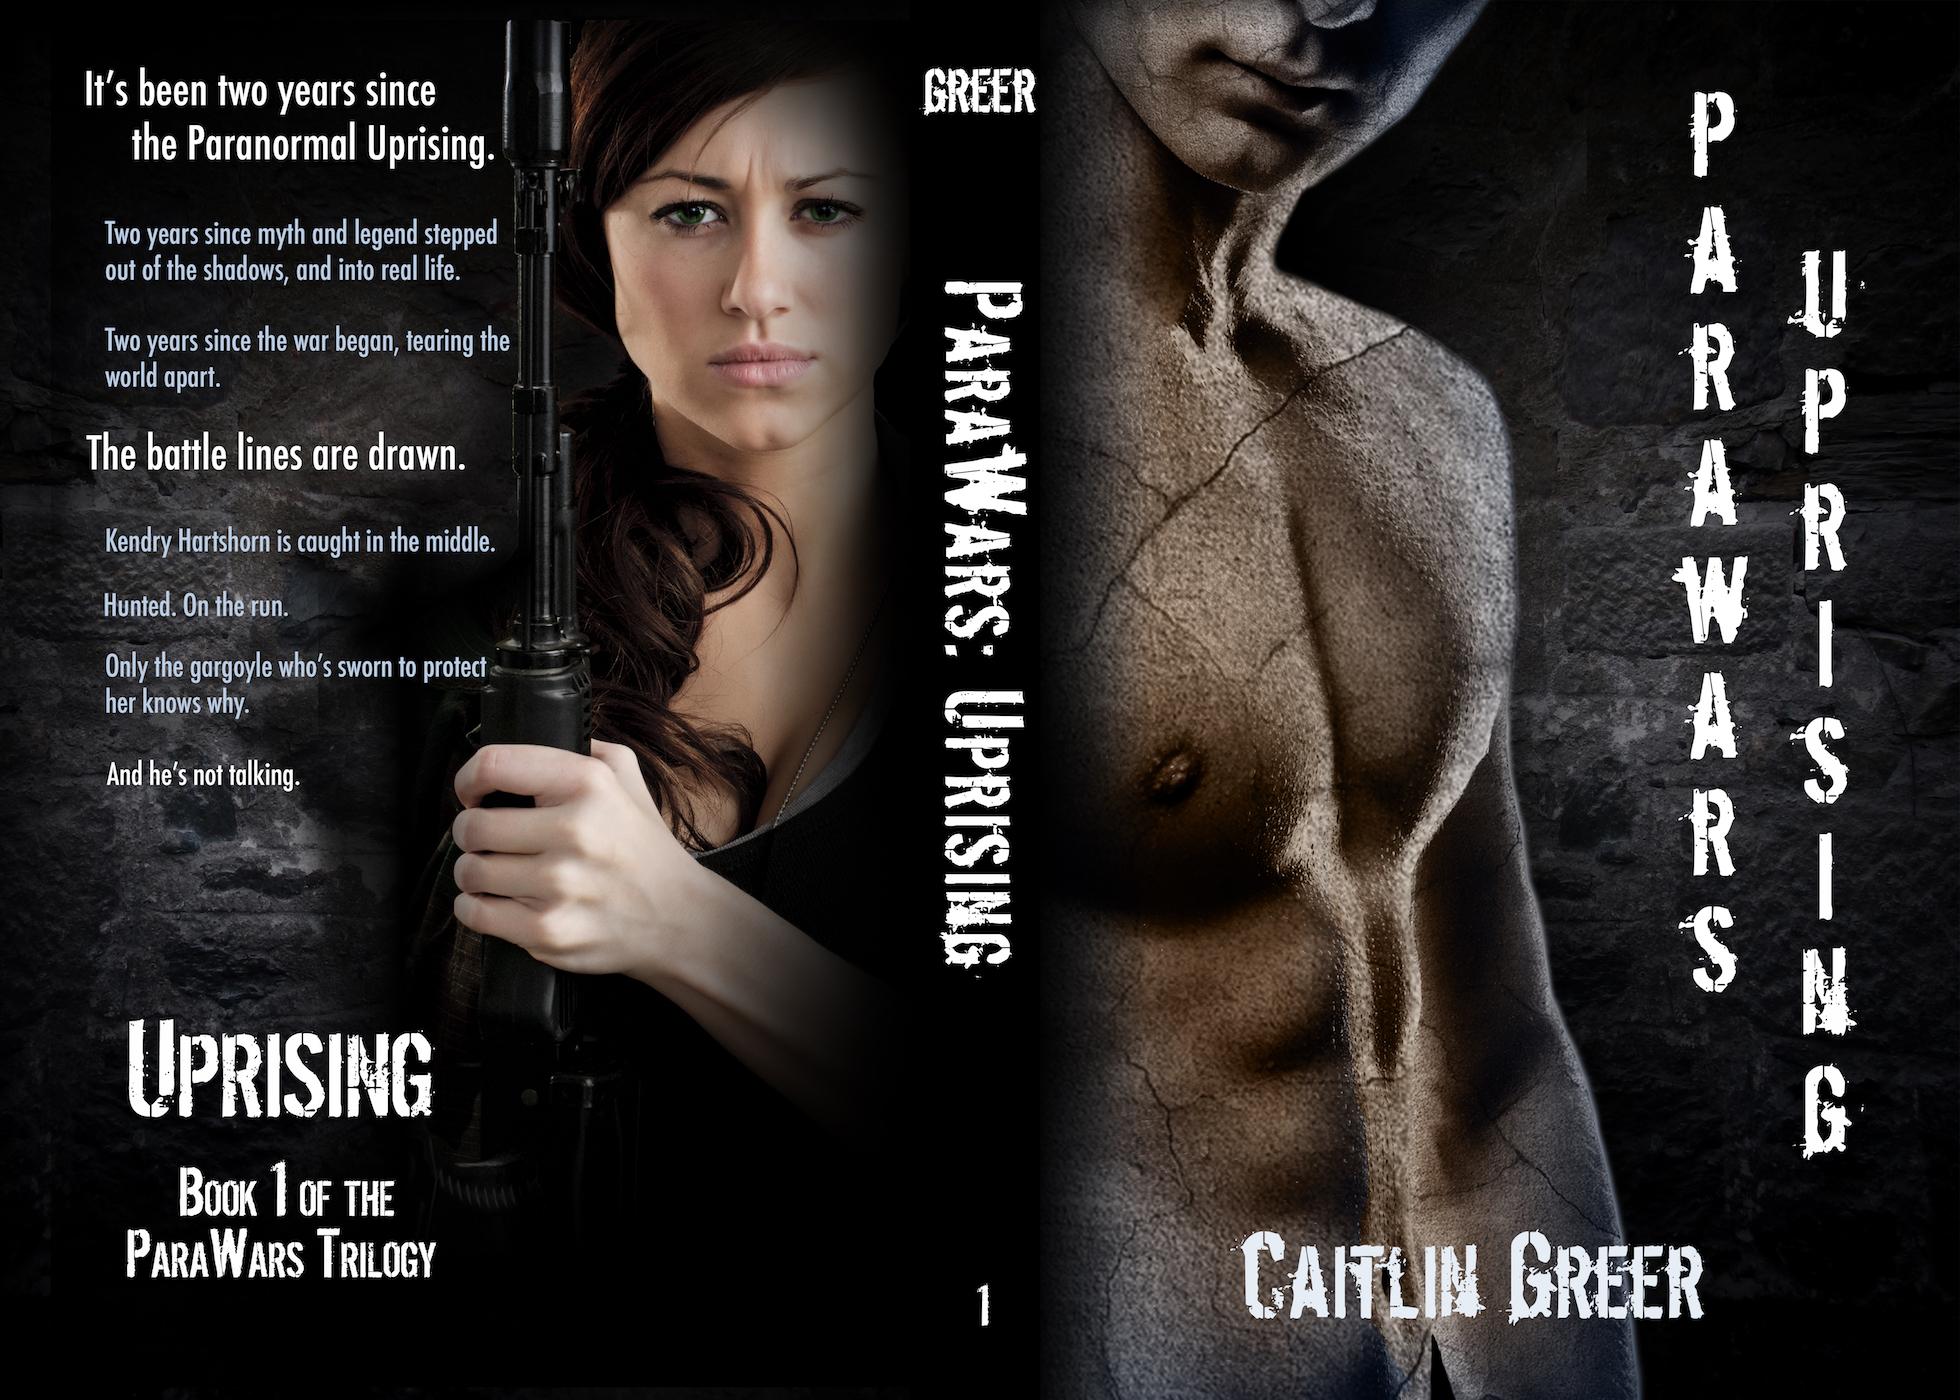 PARAWARS: UPRISING - Caitlin Greer